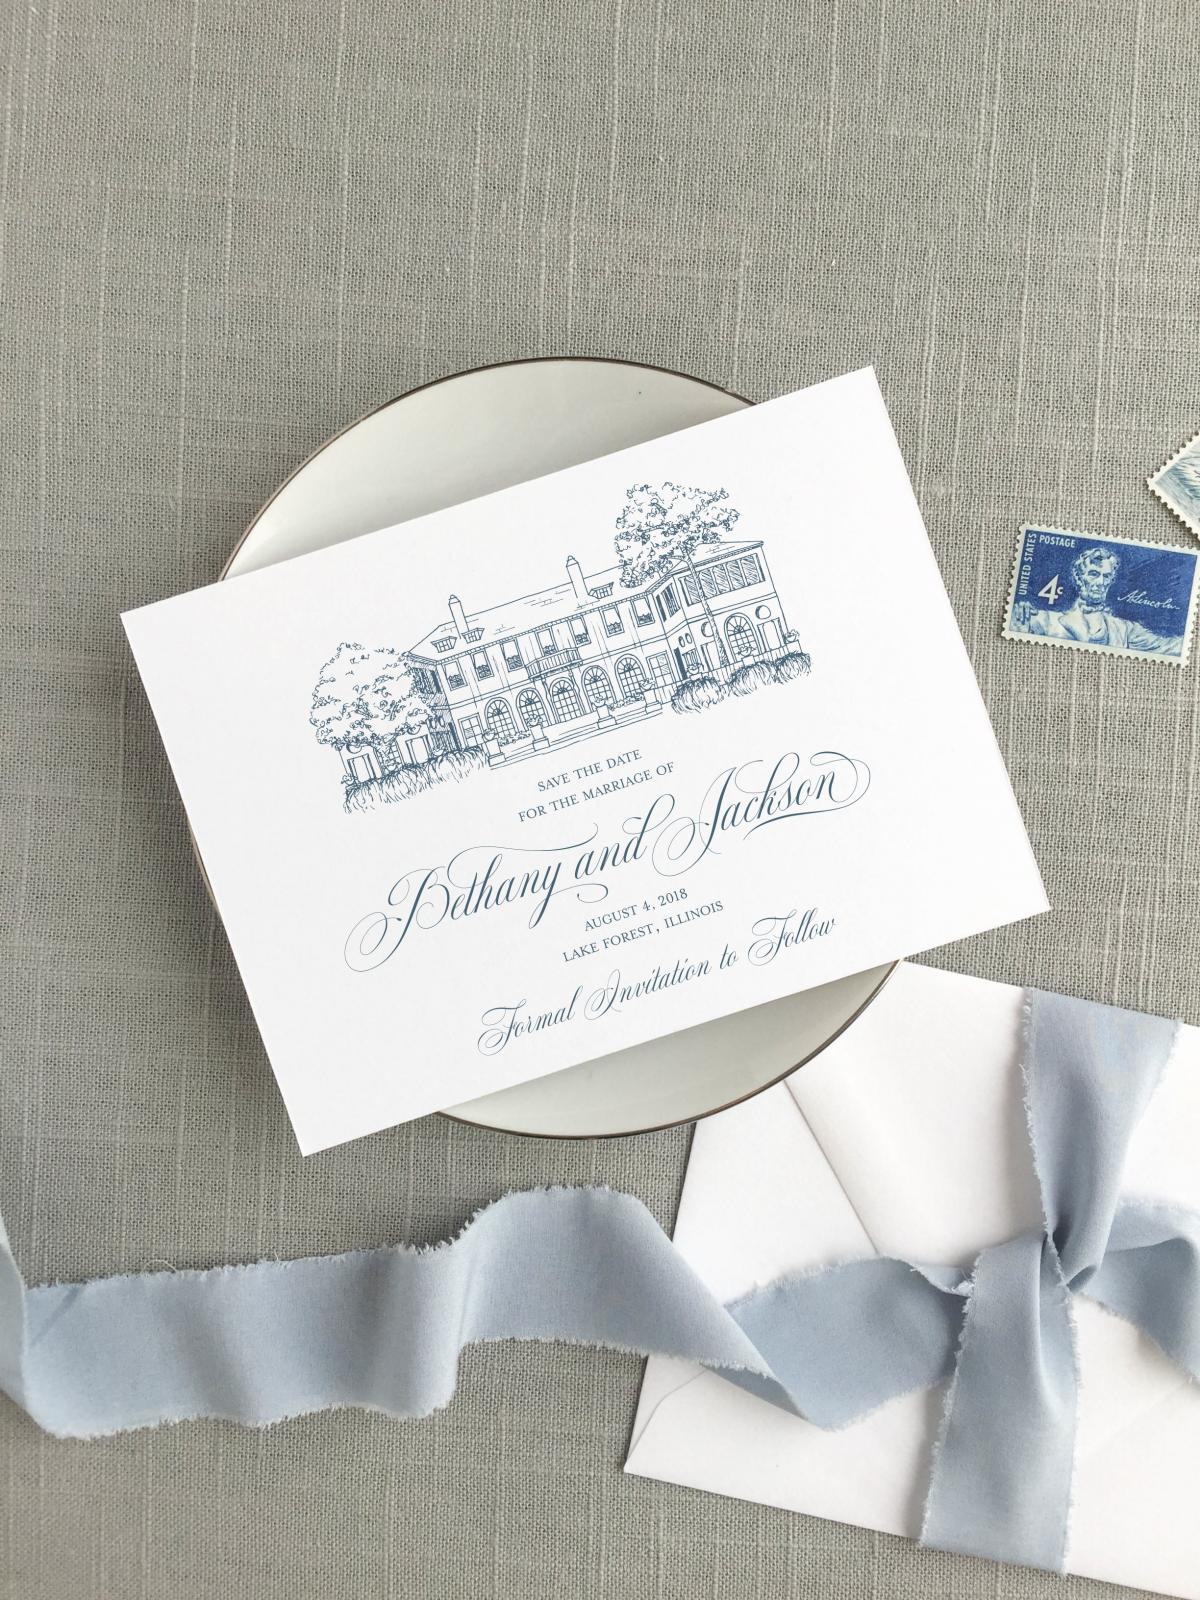 Буквоед открытки на свадьбу конверт, для ирины